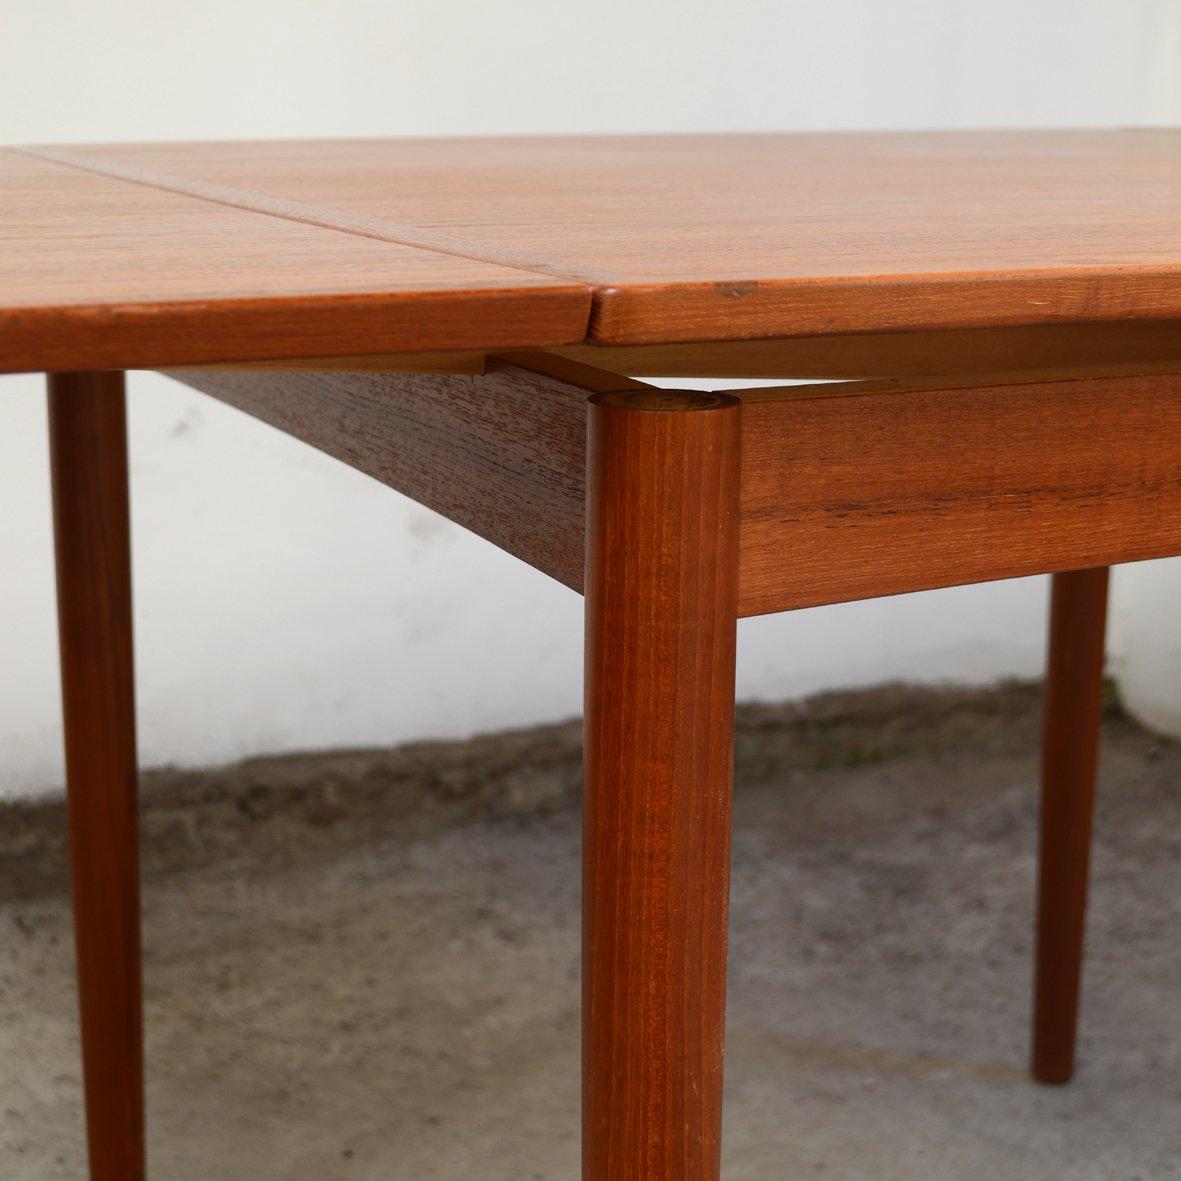 Tavolo da pranzo quadrato mid century in teak di poul hundevad per hundevad co in vendita su - Tavolo da pranzo quadrato ...